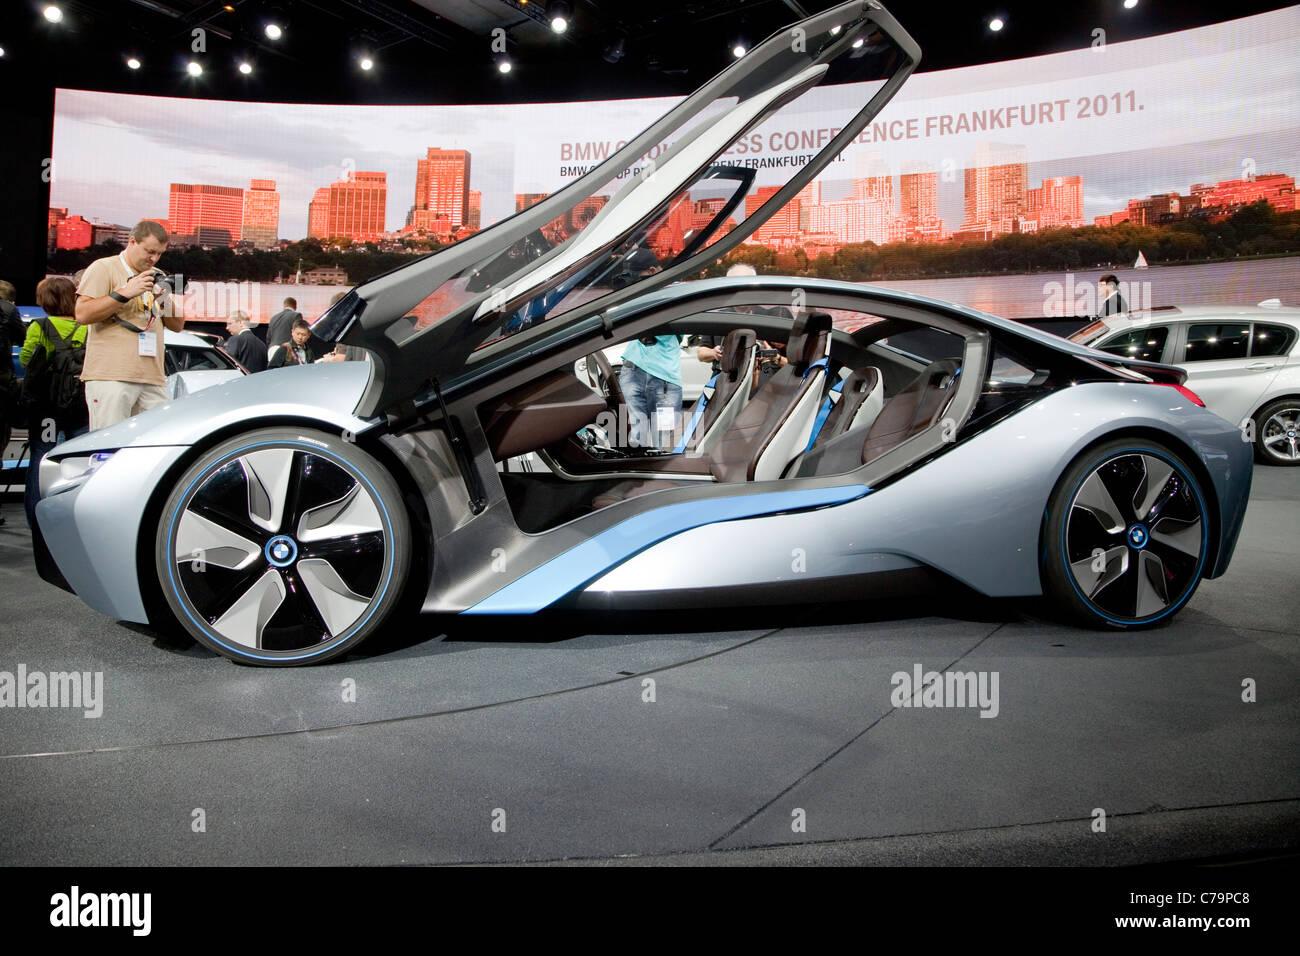 Nuova BMW I8 concetto elettrico Caron la IAA 2011 International Motor Show di Francoforte am Main, Germania Immagini Stock